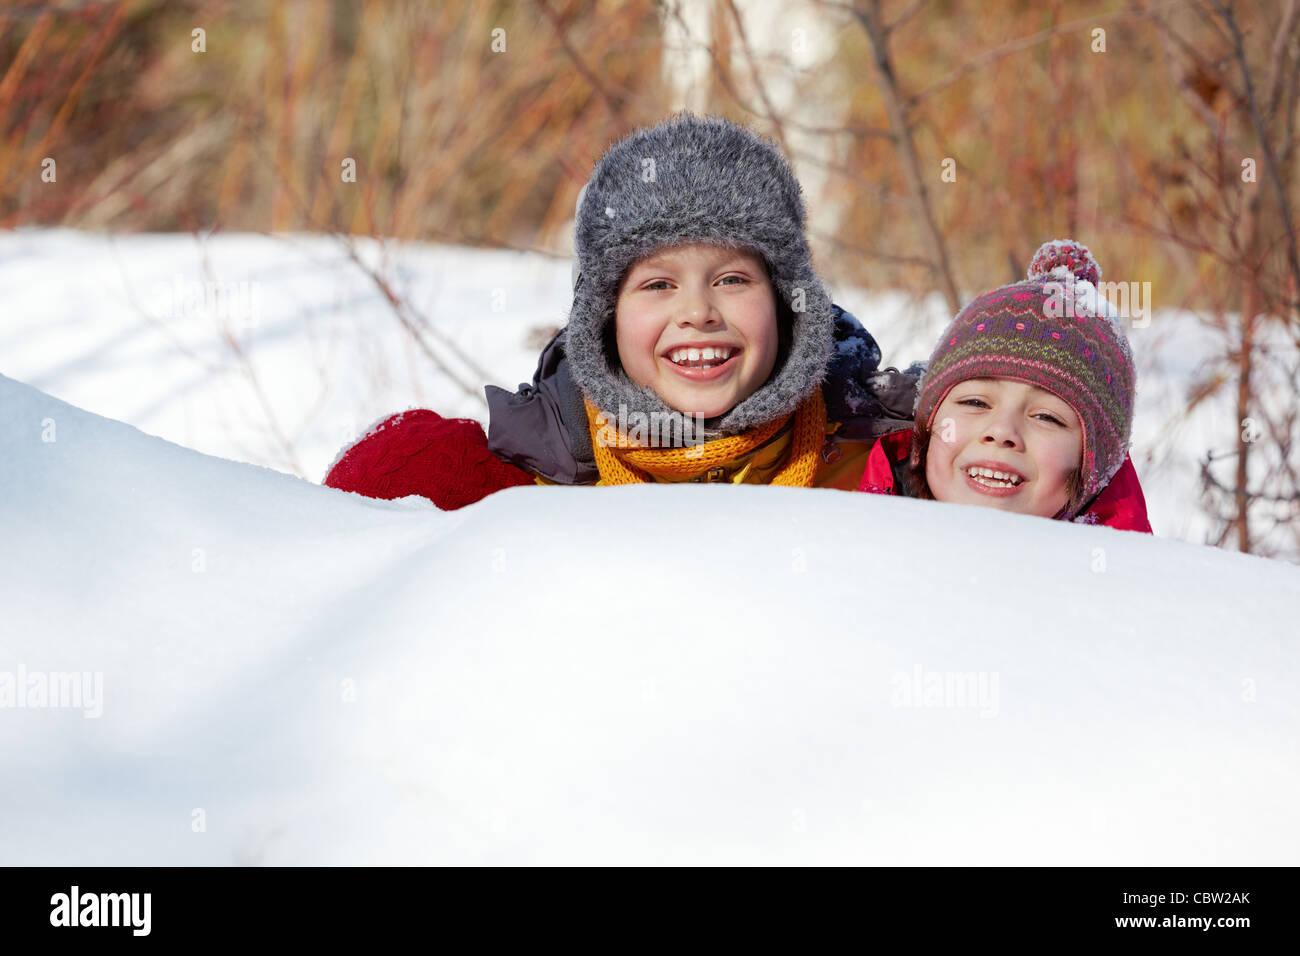 Happy friends in winterwear peeking out of snowdrift outside - Stock Image